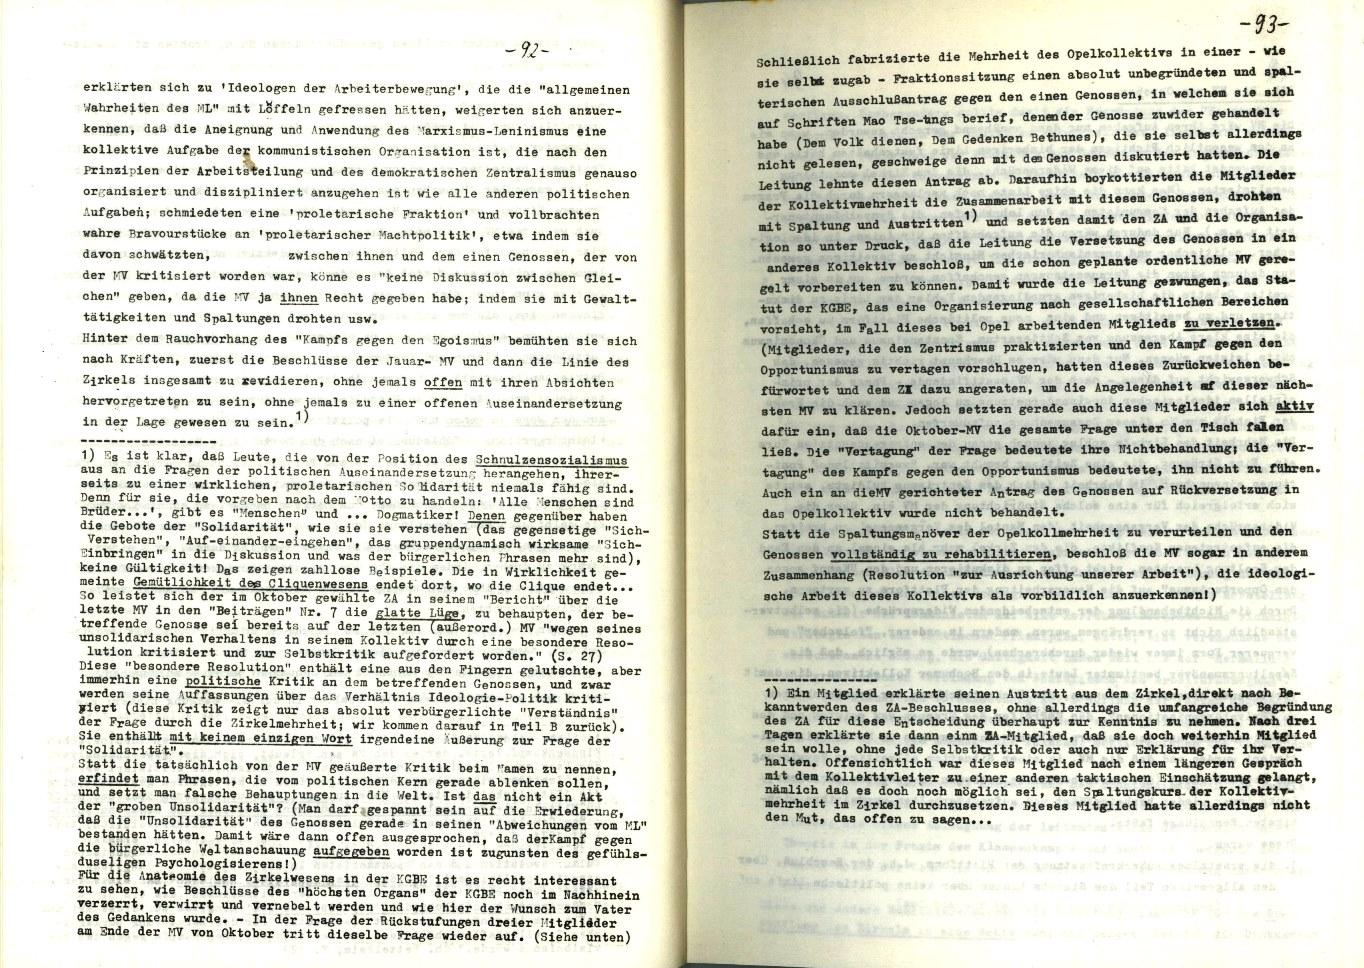 KGBE_Ehemalige_1977_Kritik_an_der_KGBE_50